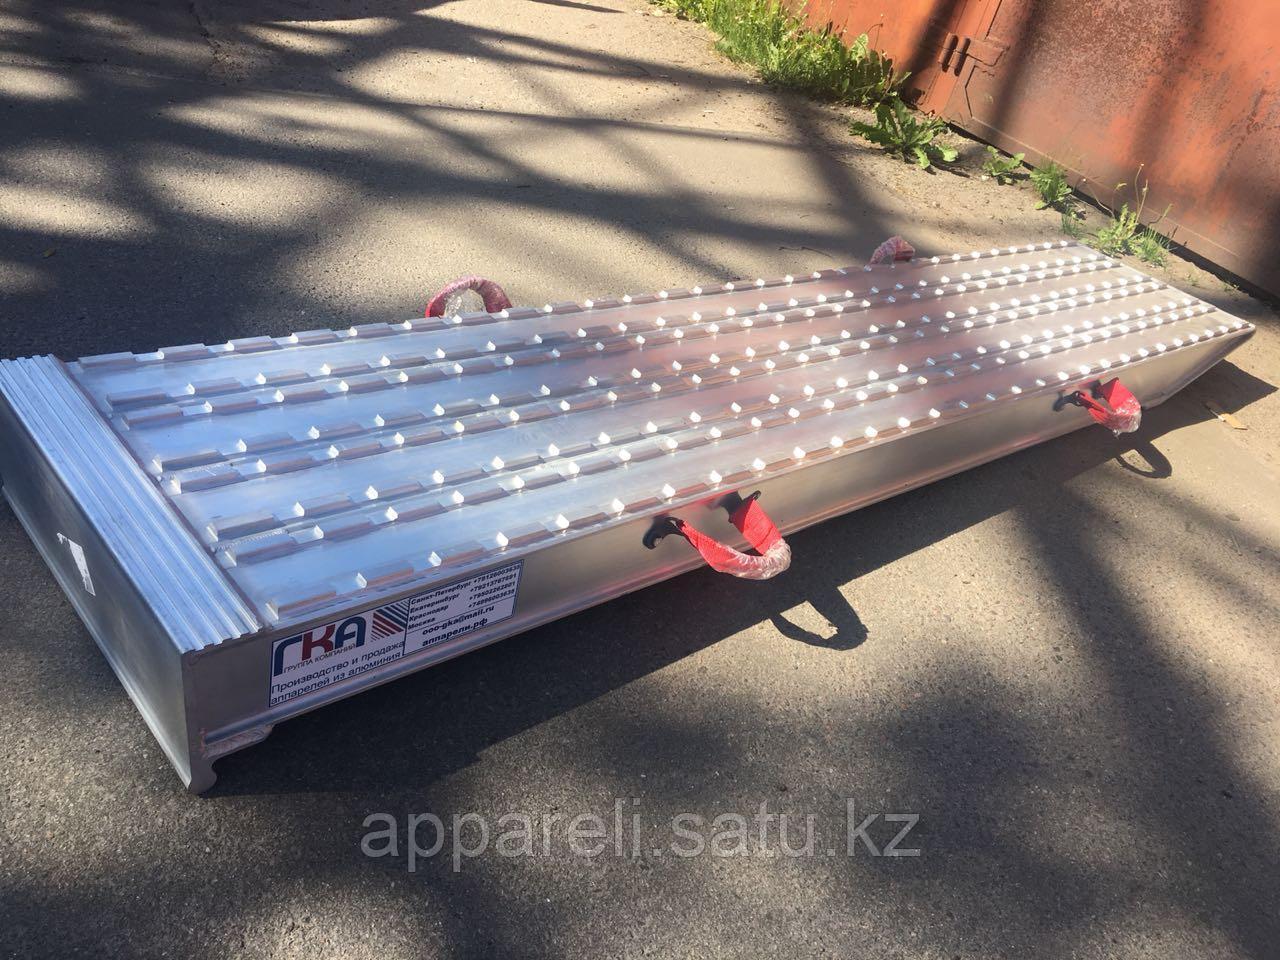 Производство рамп/сходней/аппарелей 42-50 тонн